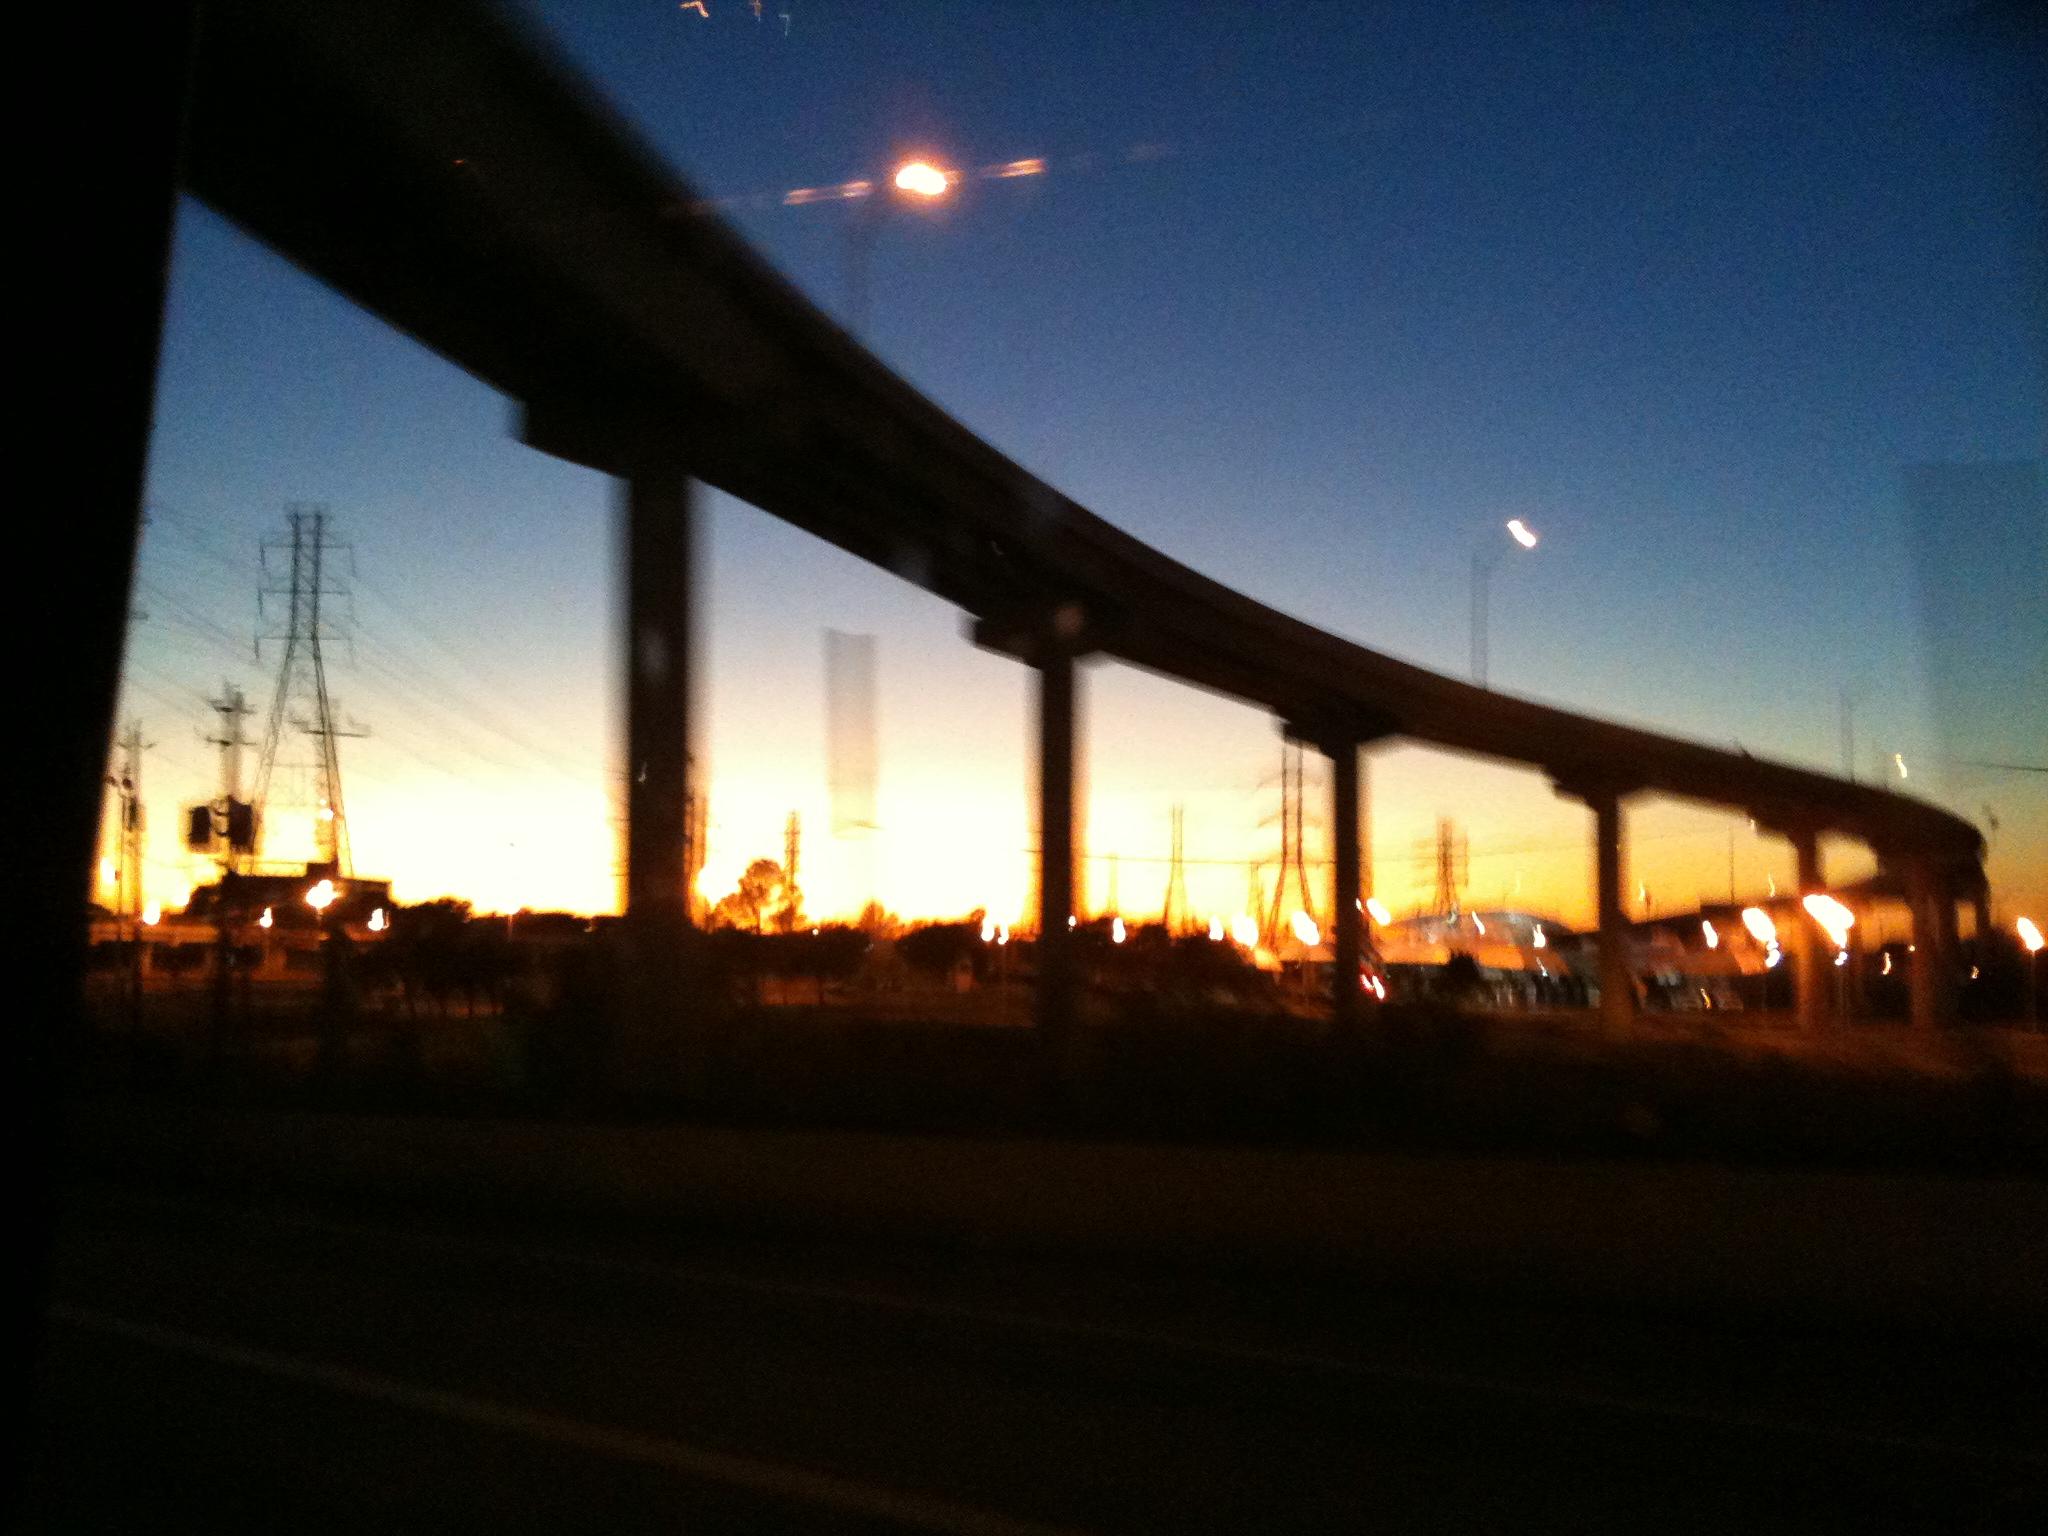 Houston Freeway at Sunset